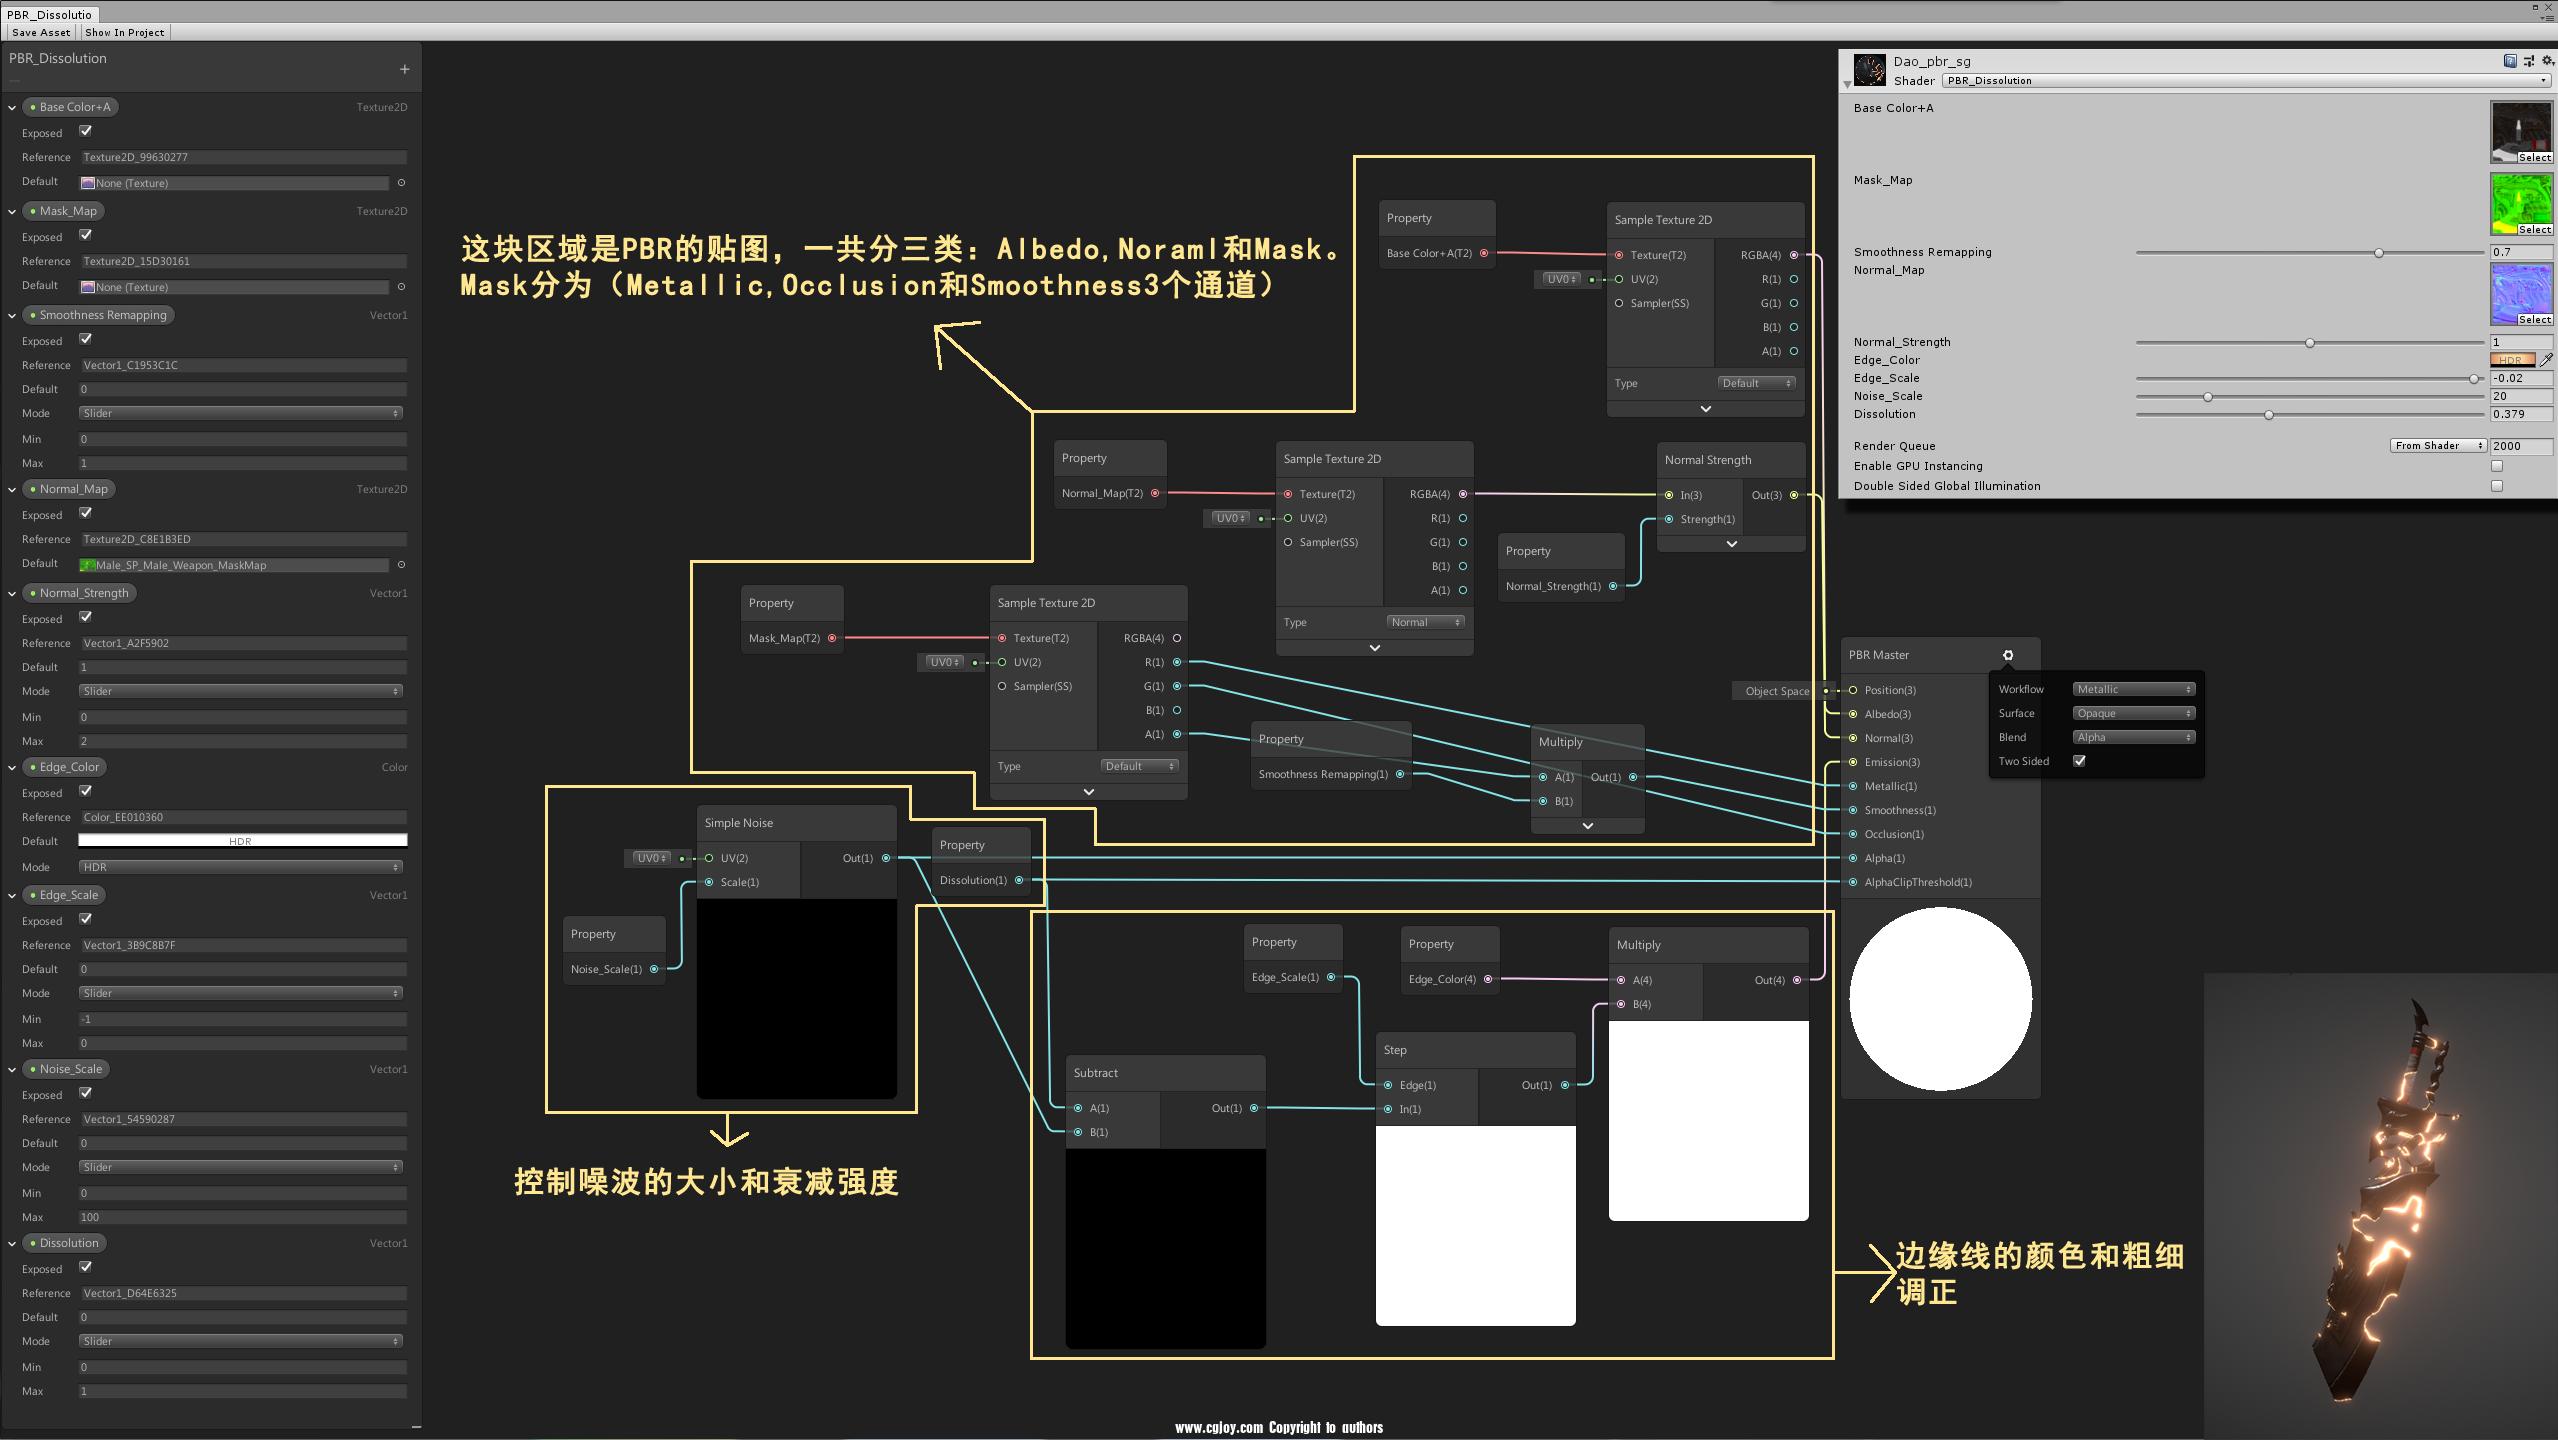 模型溶解详介图_ShaderGraph.png